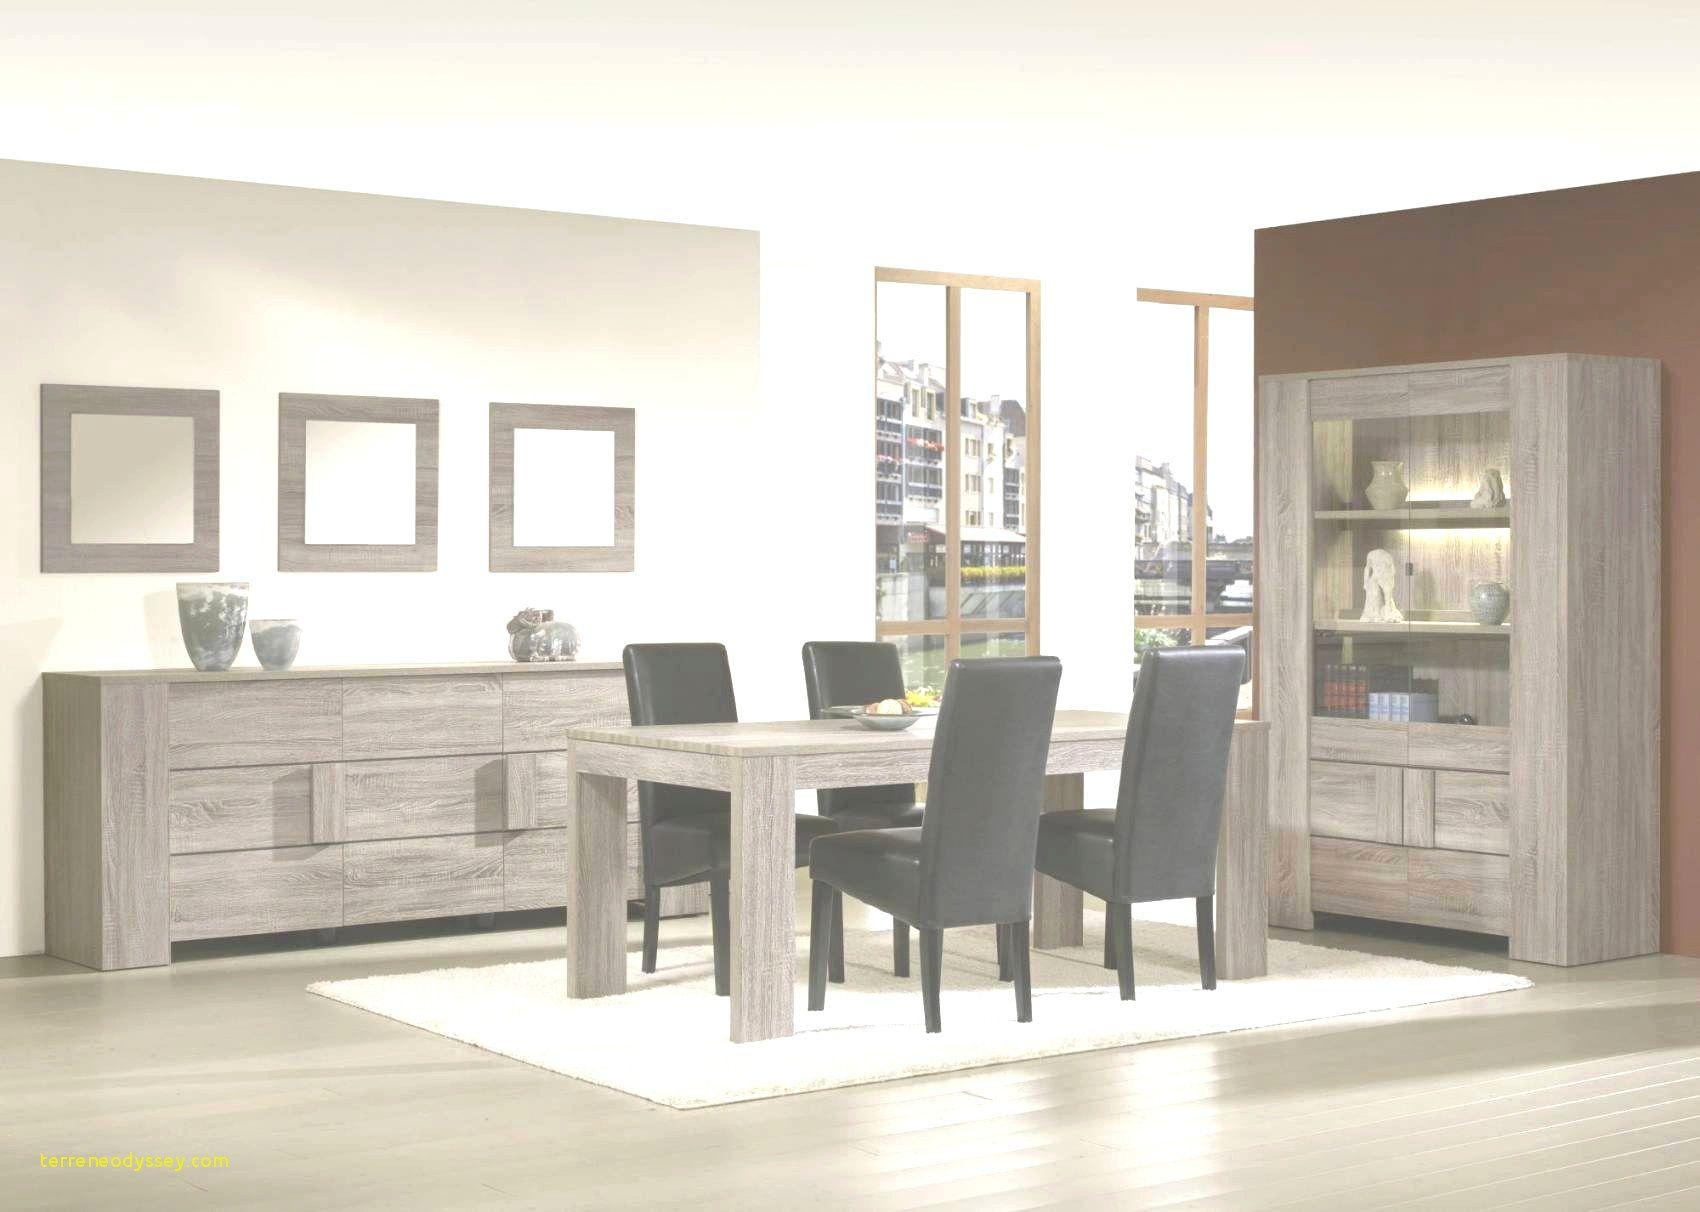 70 Meuble D Entree Conforama Check More At Https Leonstafford Com Meuble D Entree Conforama Home Deco Salon Interior Design Bedroom